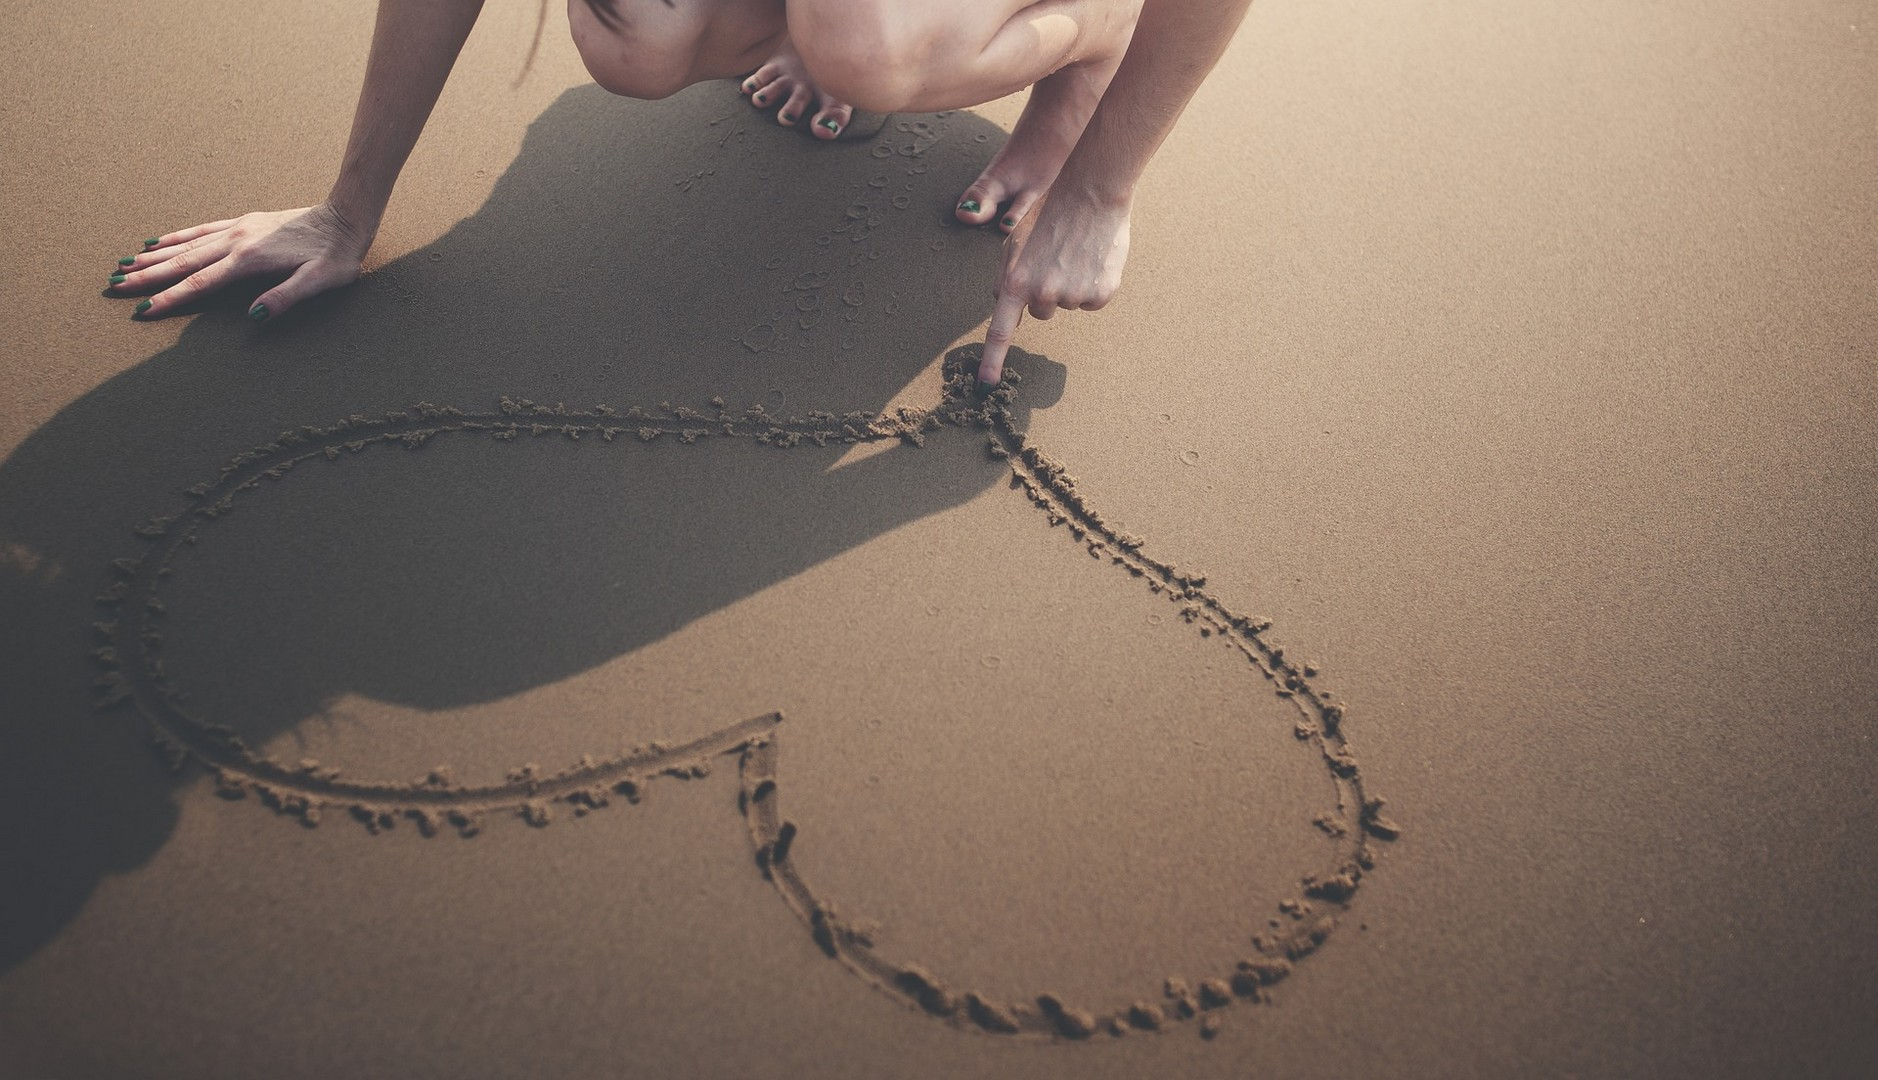 Как доказать парню, что любишь его: слова, поступки, оригинальность